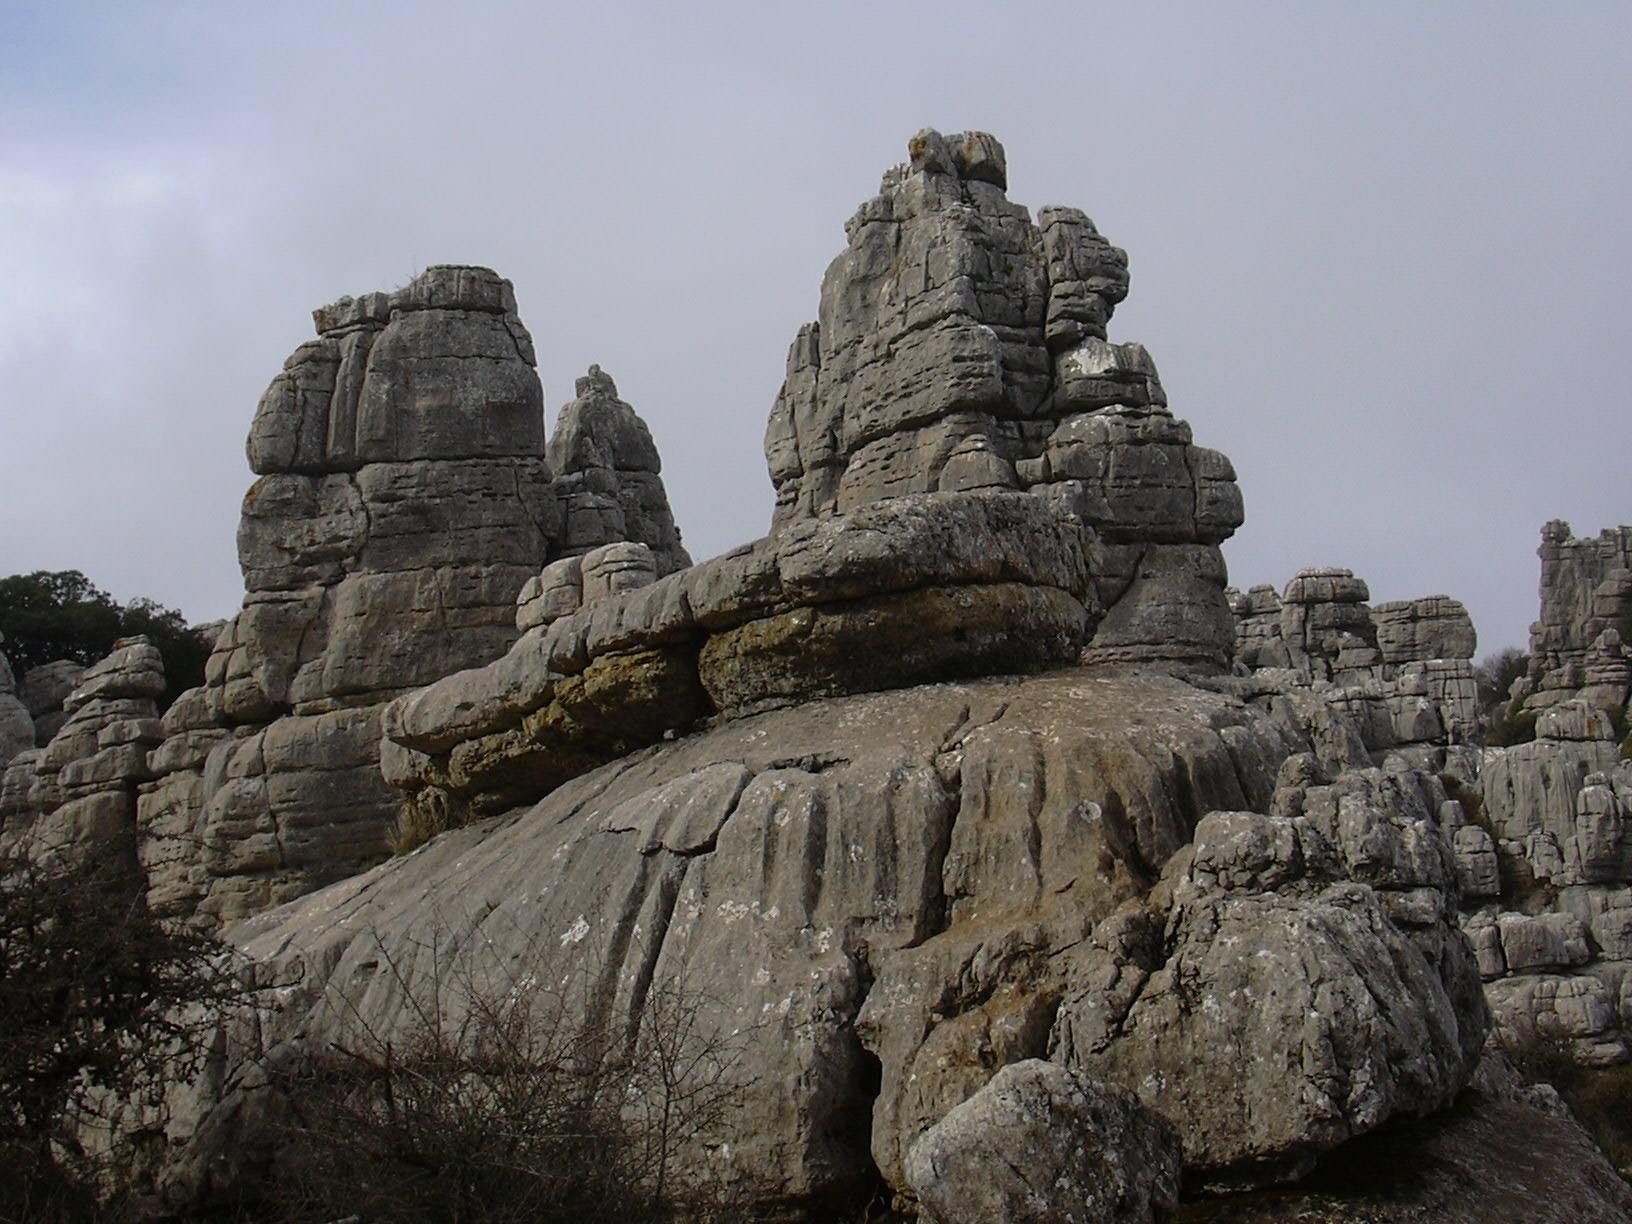 El Torcal rocks overview 10